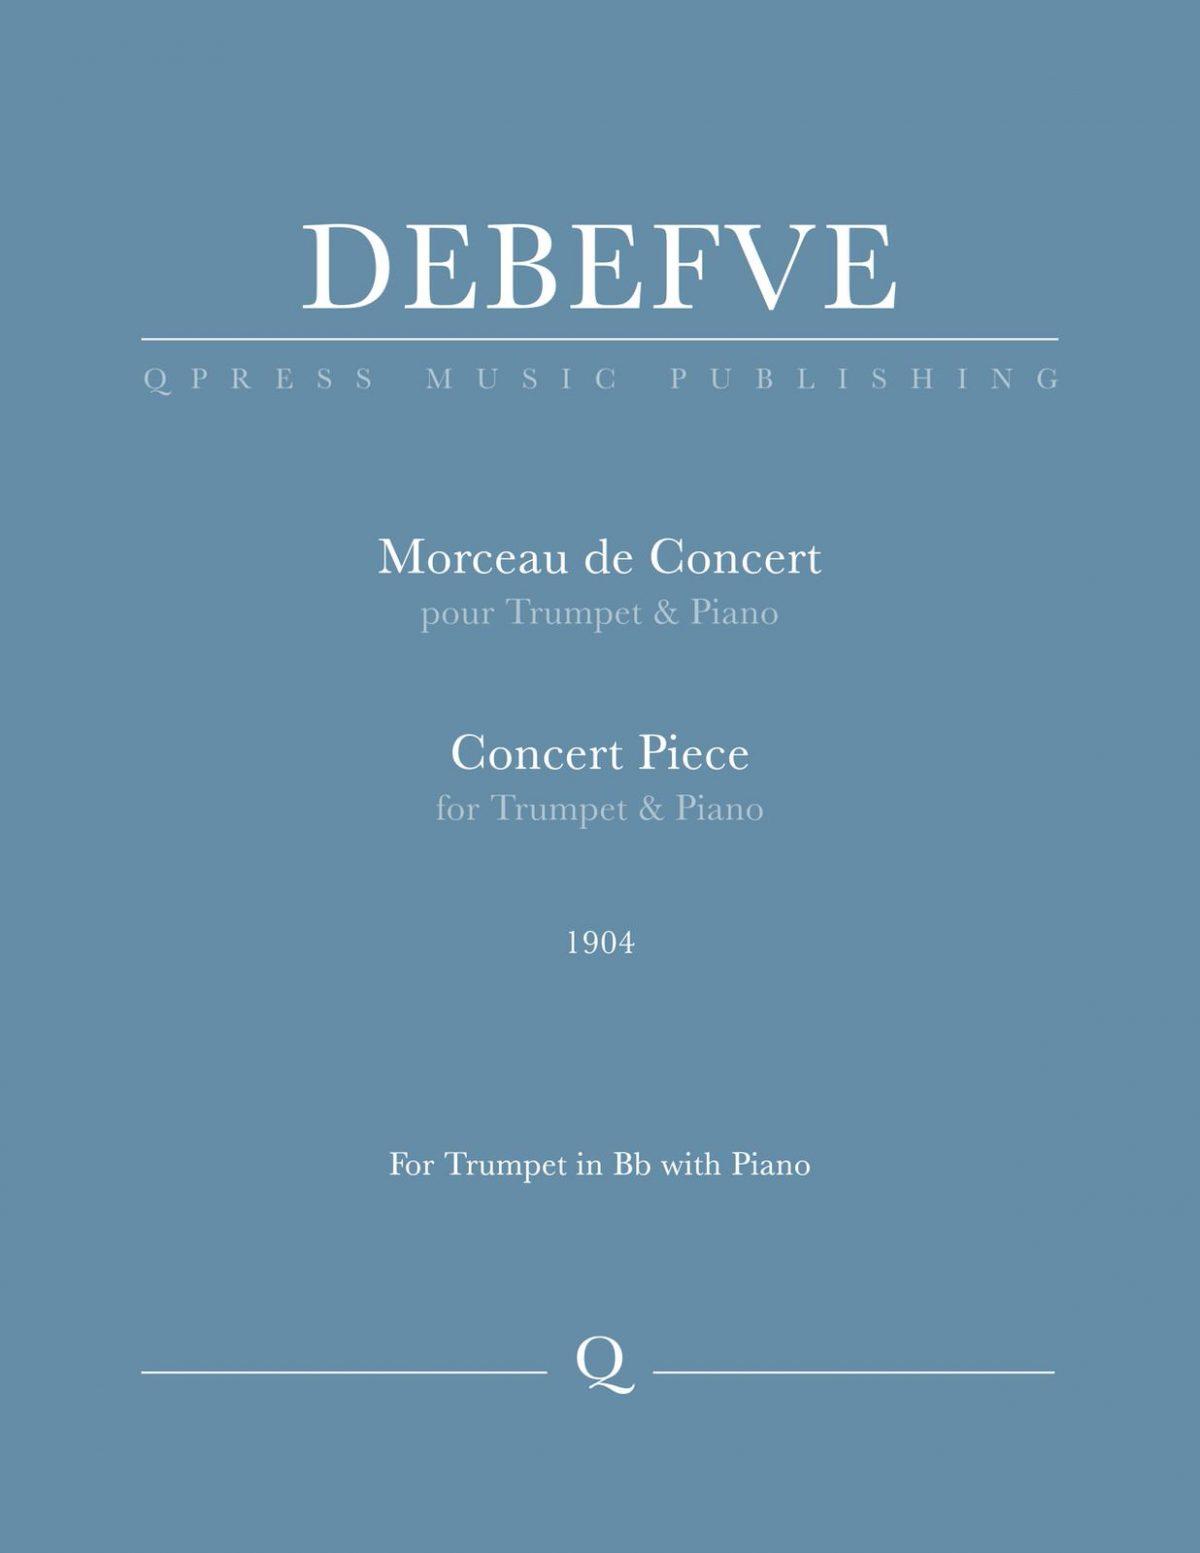 Debefve, Morceau de Concert-p01